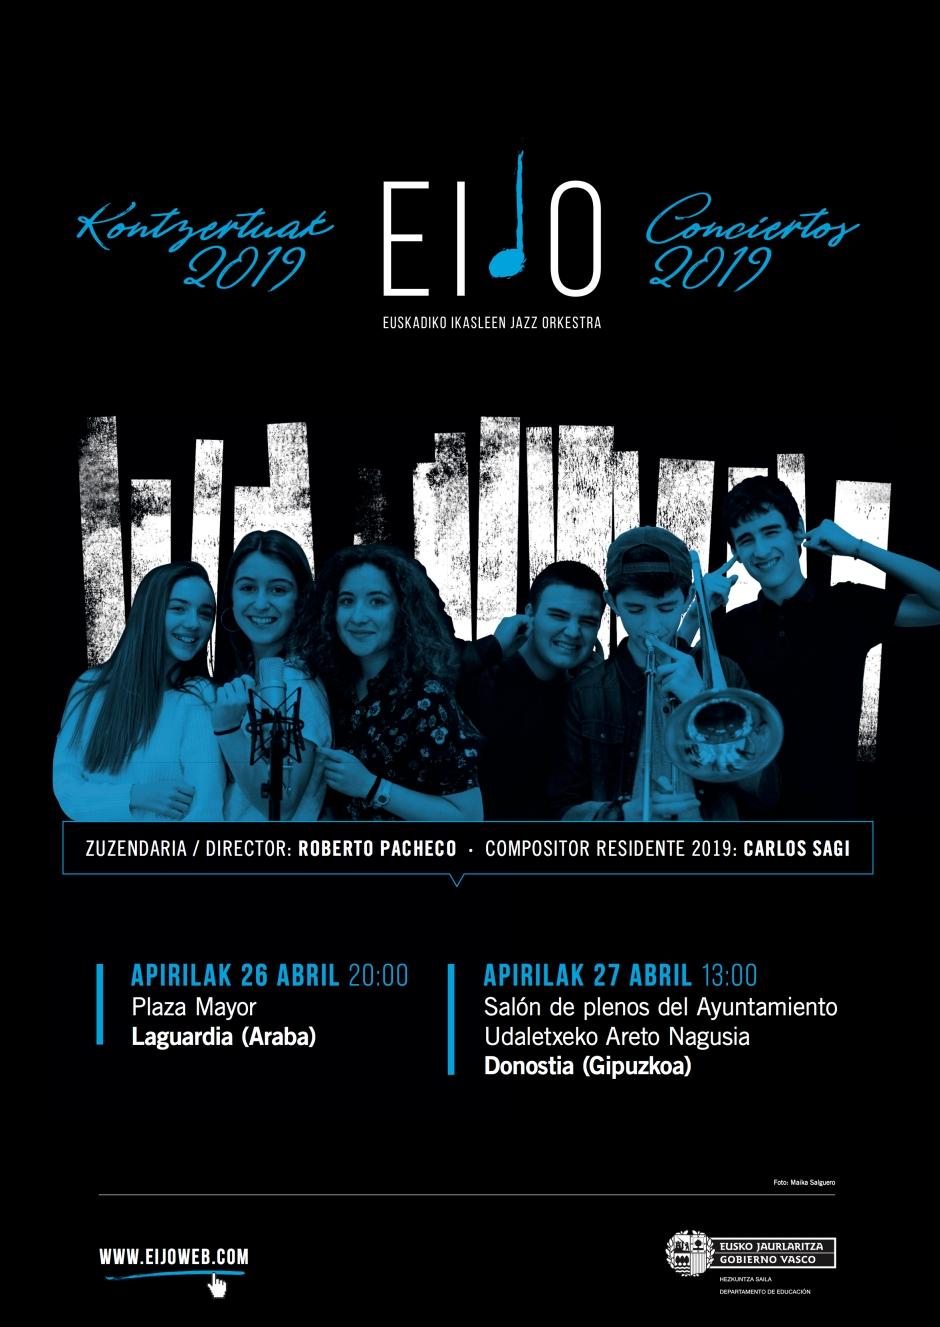 EIJO_cartel_gira_2019 (1).jpg